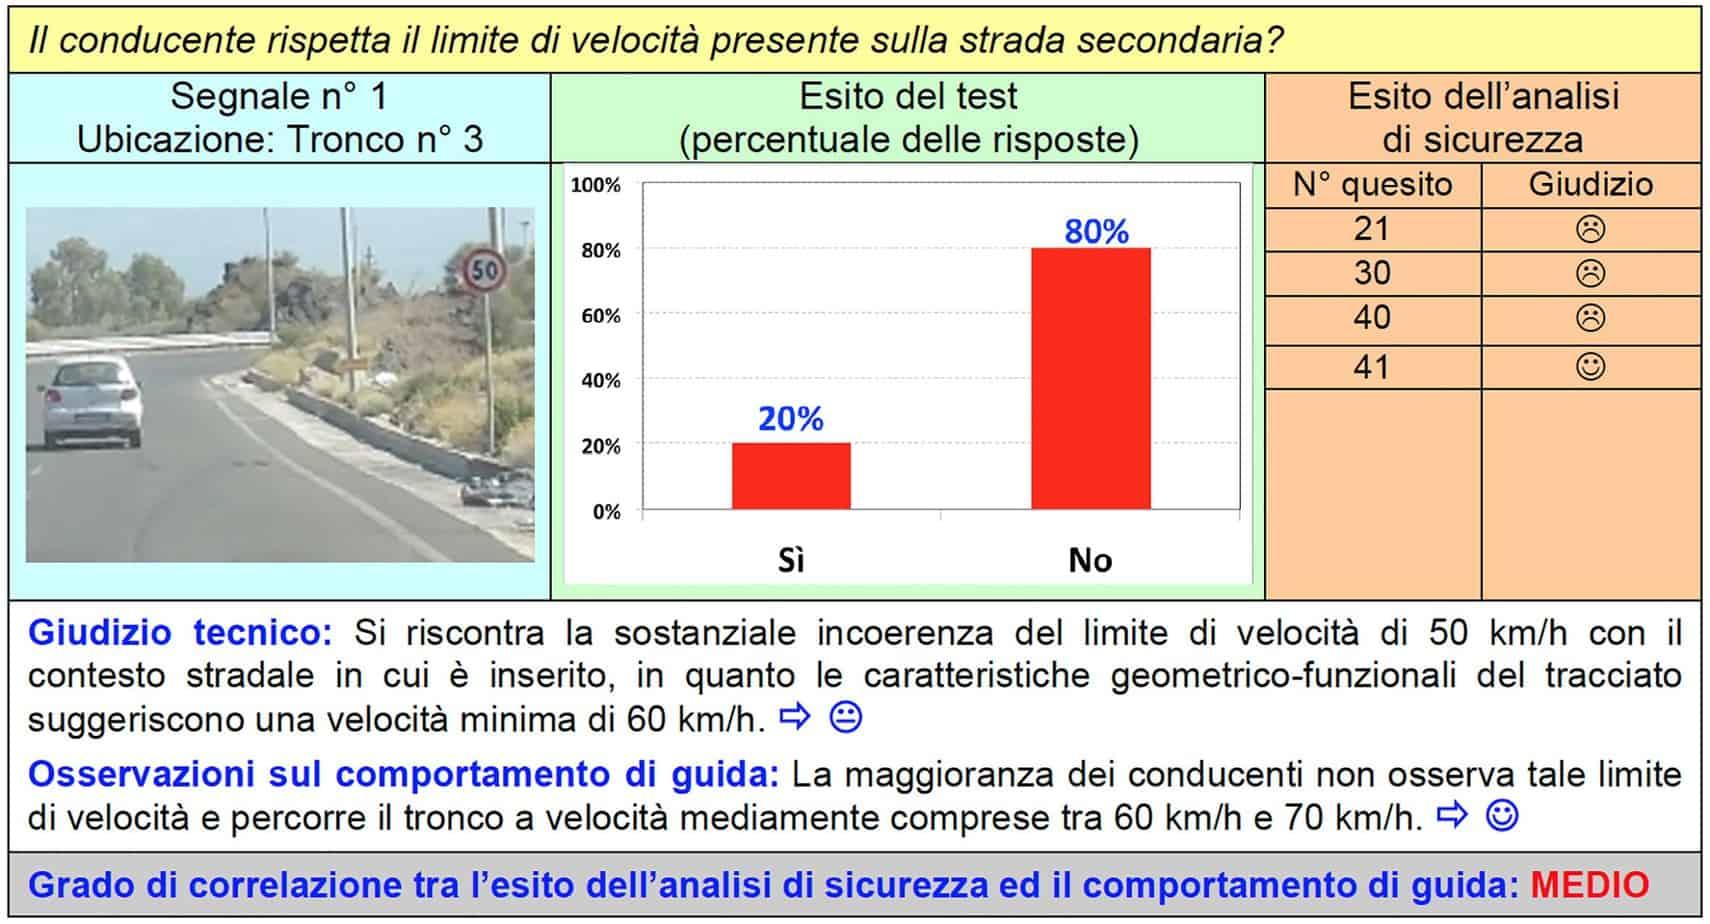 La scheda di correlazione per il segnale n° 1 del tronco n° 3